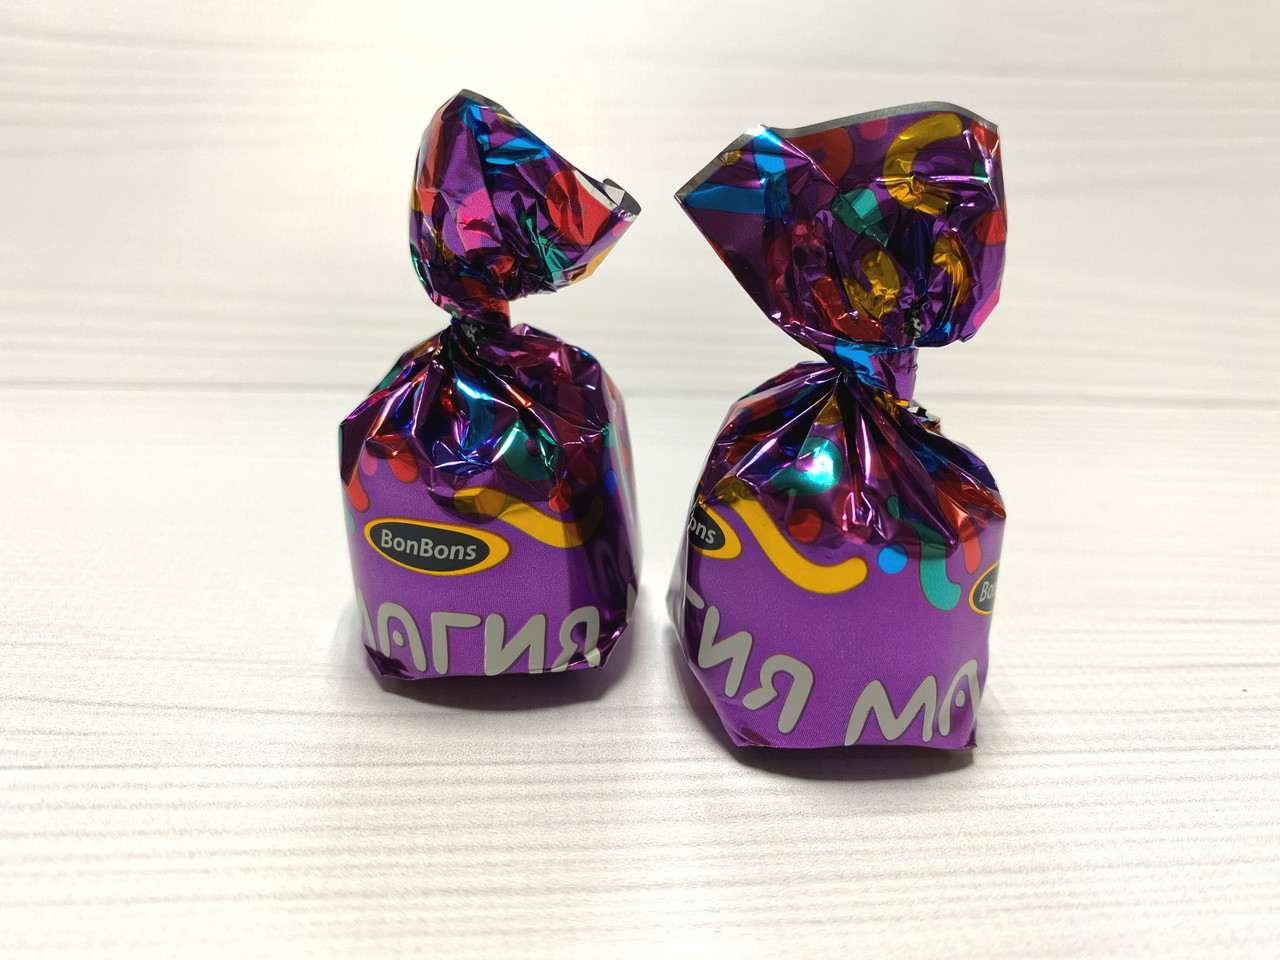 """Конфеты глазированные Бон Бонс (BonBons) """"Магия"""" вкус смородины - 1 кг."""